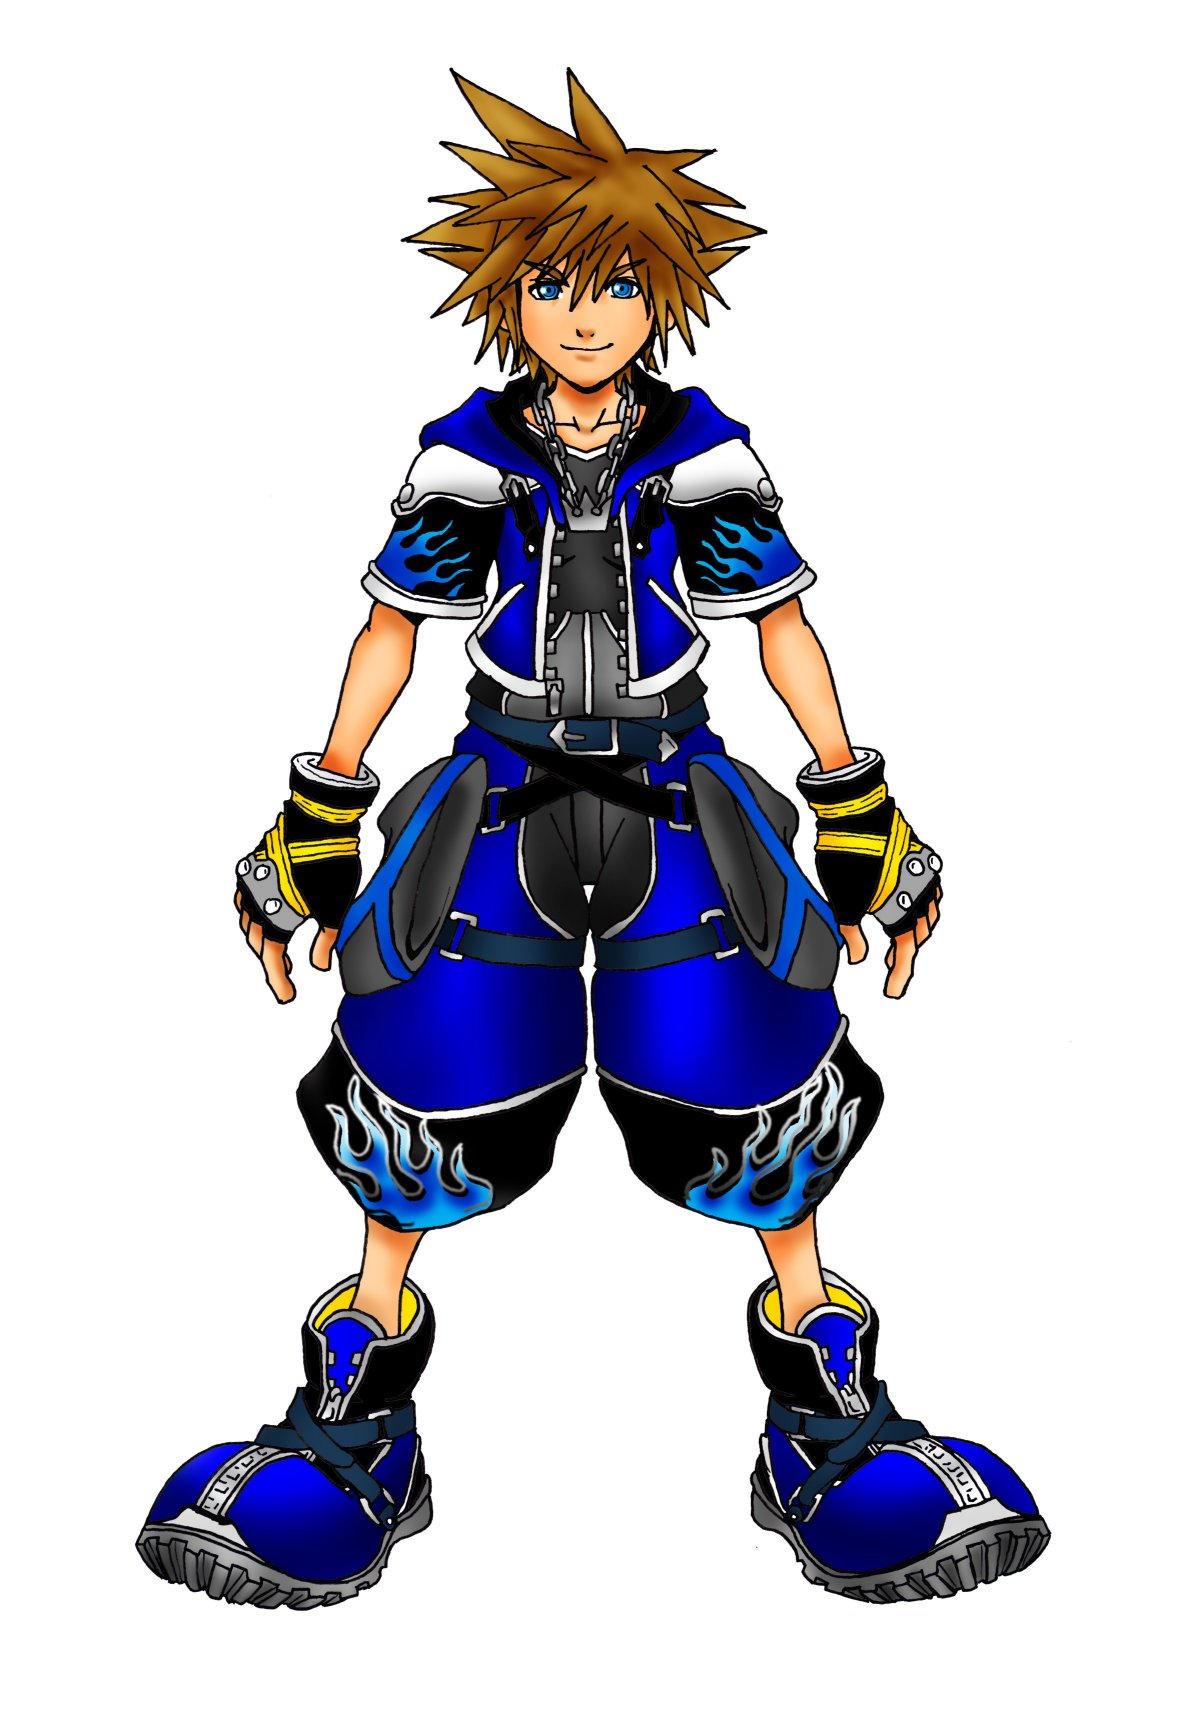 Kingdom Hearts 2 Wisdom Form by Marduk-Kurios on DeviantArt